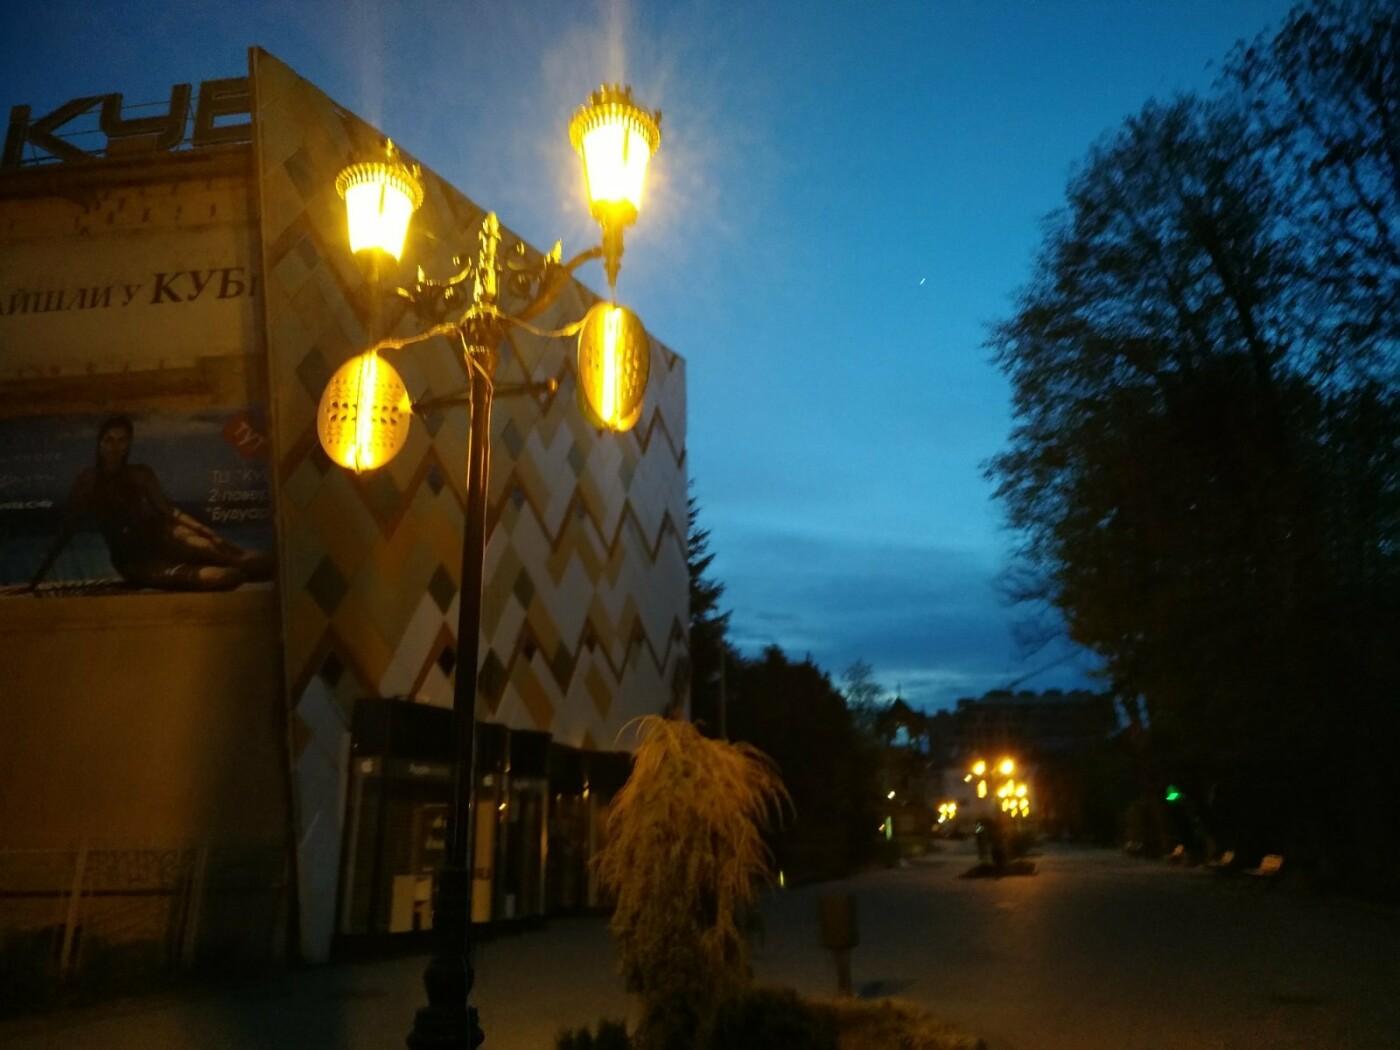 Дивовижний Трускавець: вечірній фотоогляд центральної частини міста-курорту, фото-16, Фото - 03247.com.ua